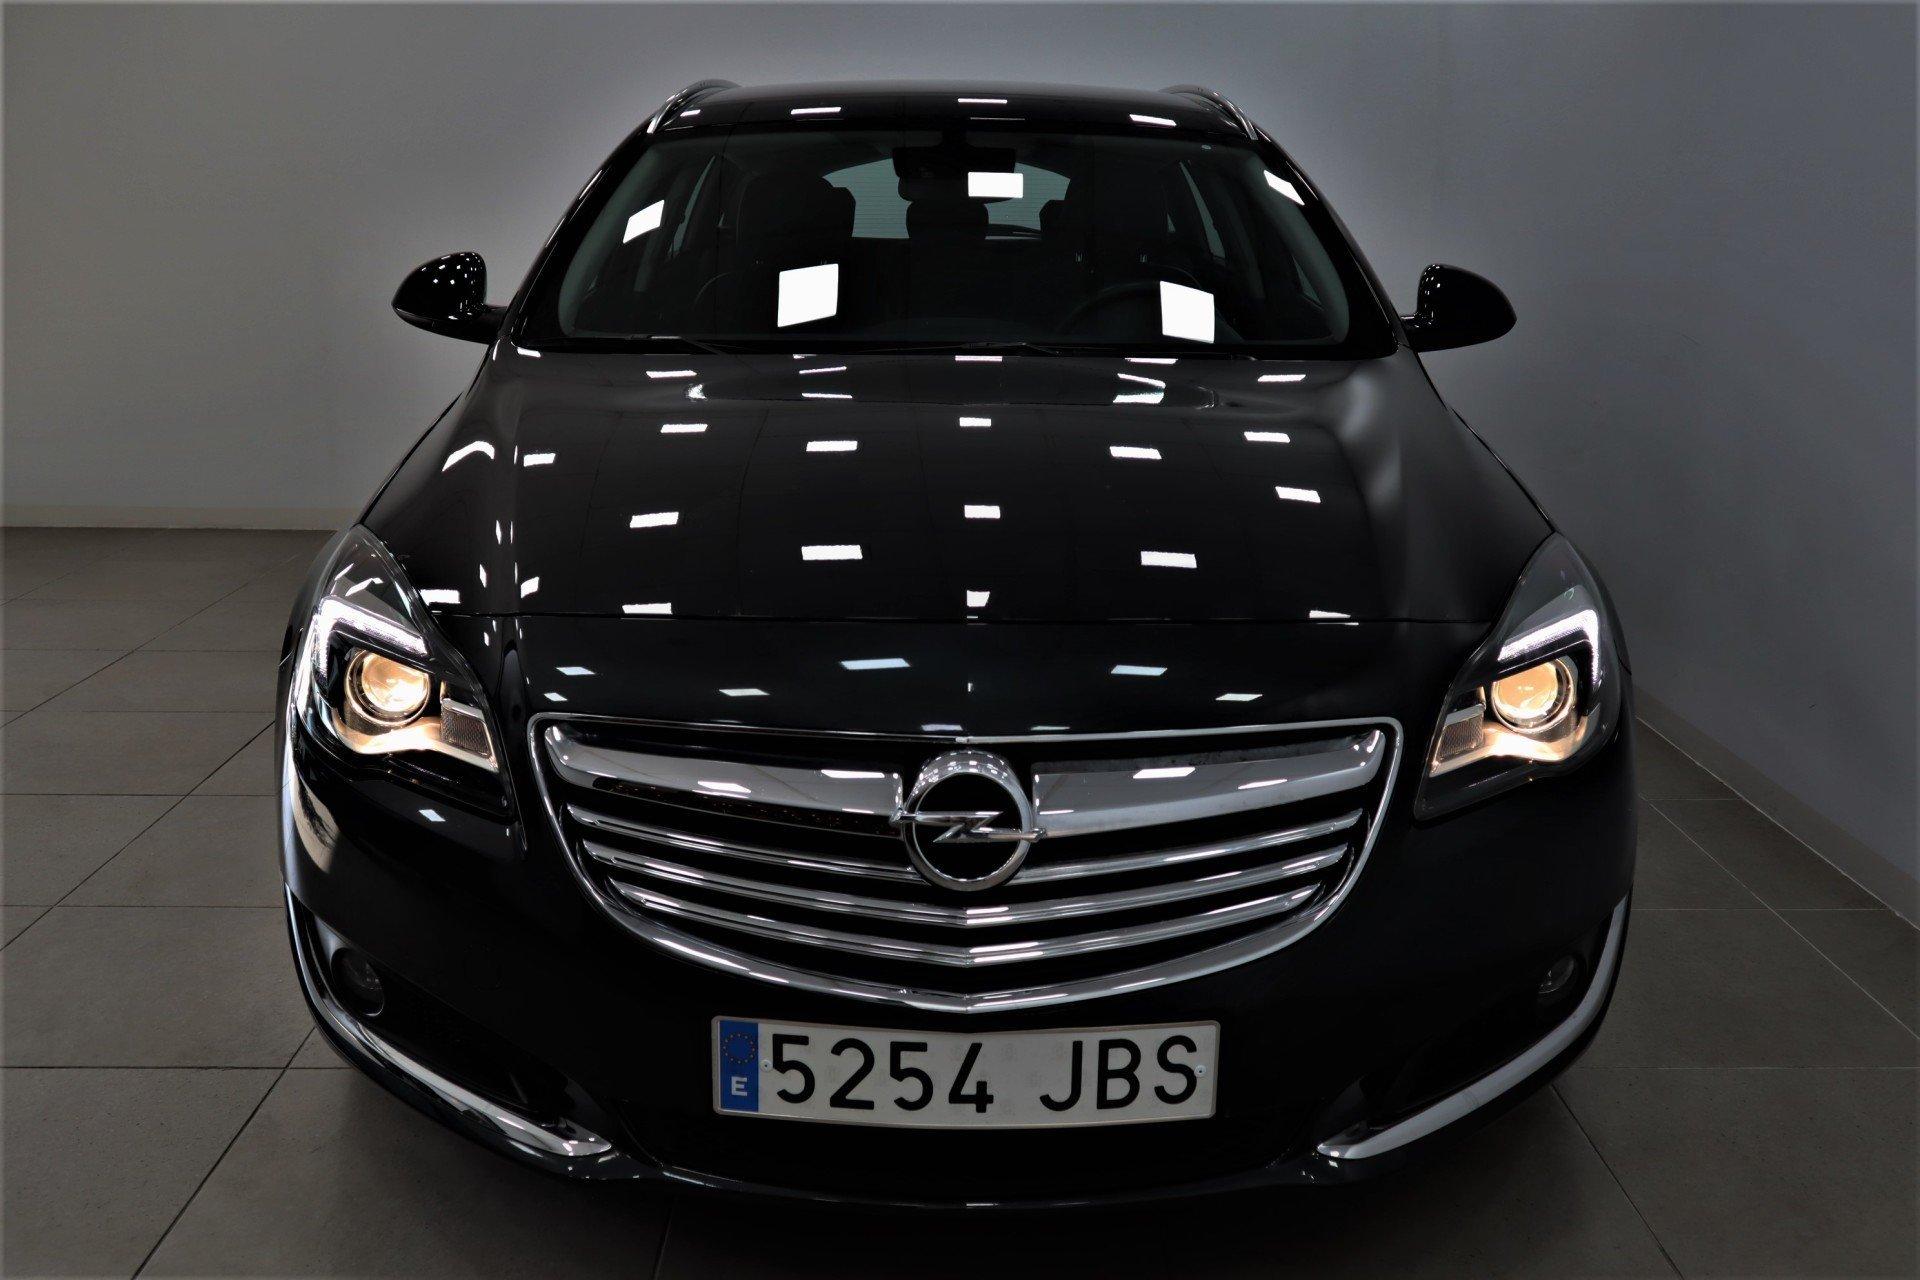 EBC blackstuff guarnición hectáreas también para Opel Insignia Sports Tourer 2.0 CDTI 2.0